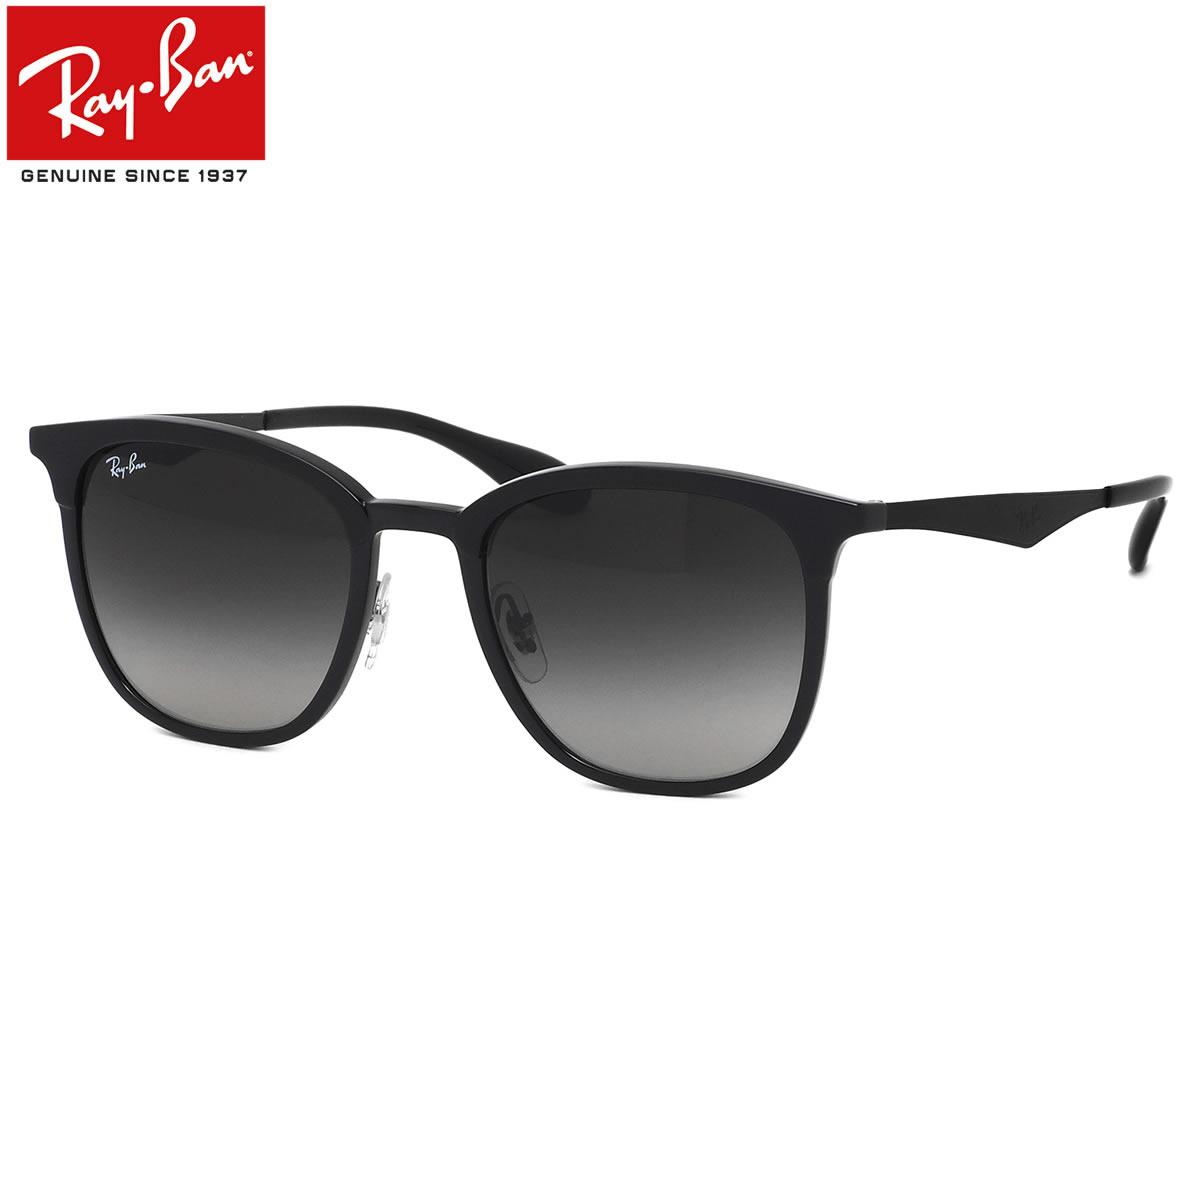 Ray-Ban レイバン サングラス RB4278 628211 51サイズ 6282/11 HIGHSTREET ハイストリート レイバン RayBan メンズ レディース